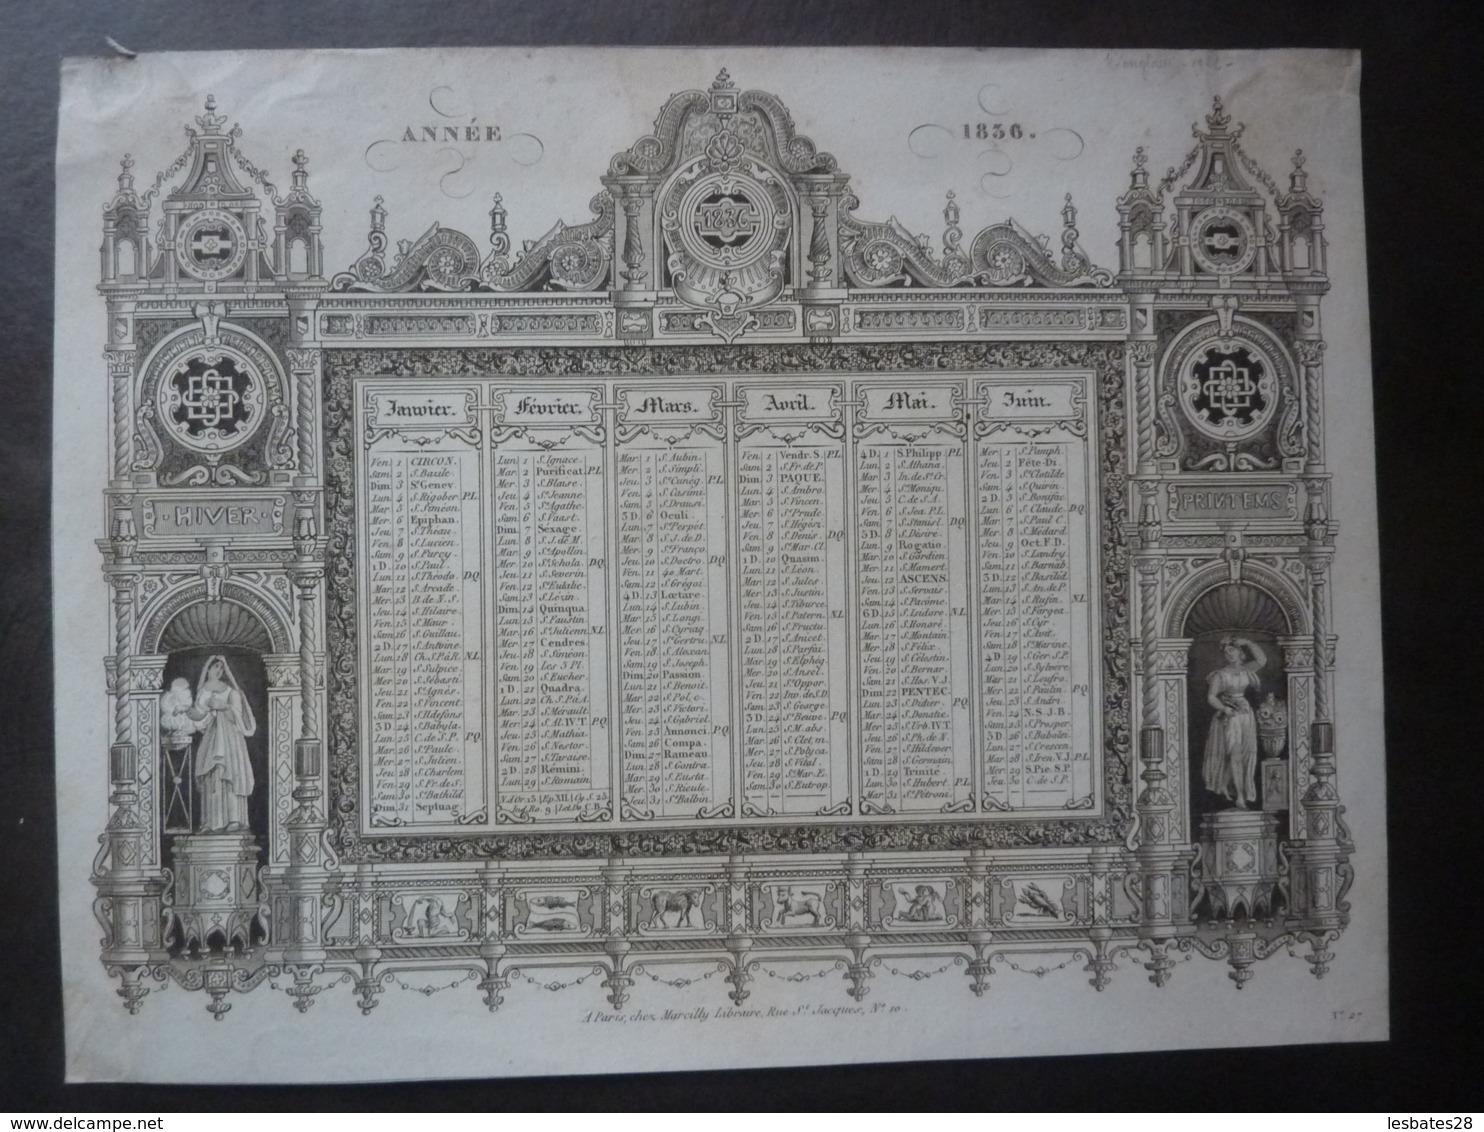 ALMANACH  CALENDRIER  1836-  SEMESTRIEL -ARABESQUE Et ALLEGORIE DE RHETHORIQUE Edit Marcilly Libraire à Paris - Kalender